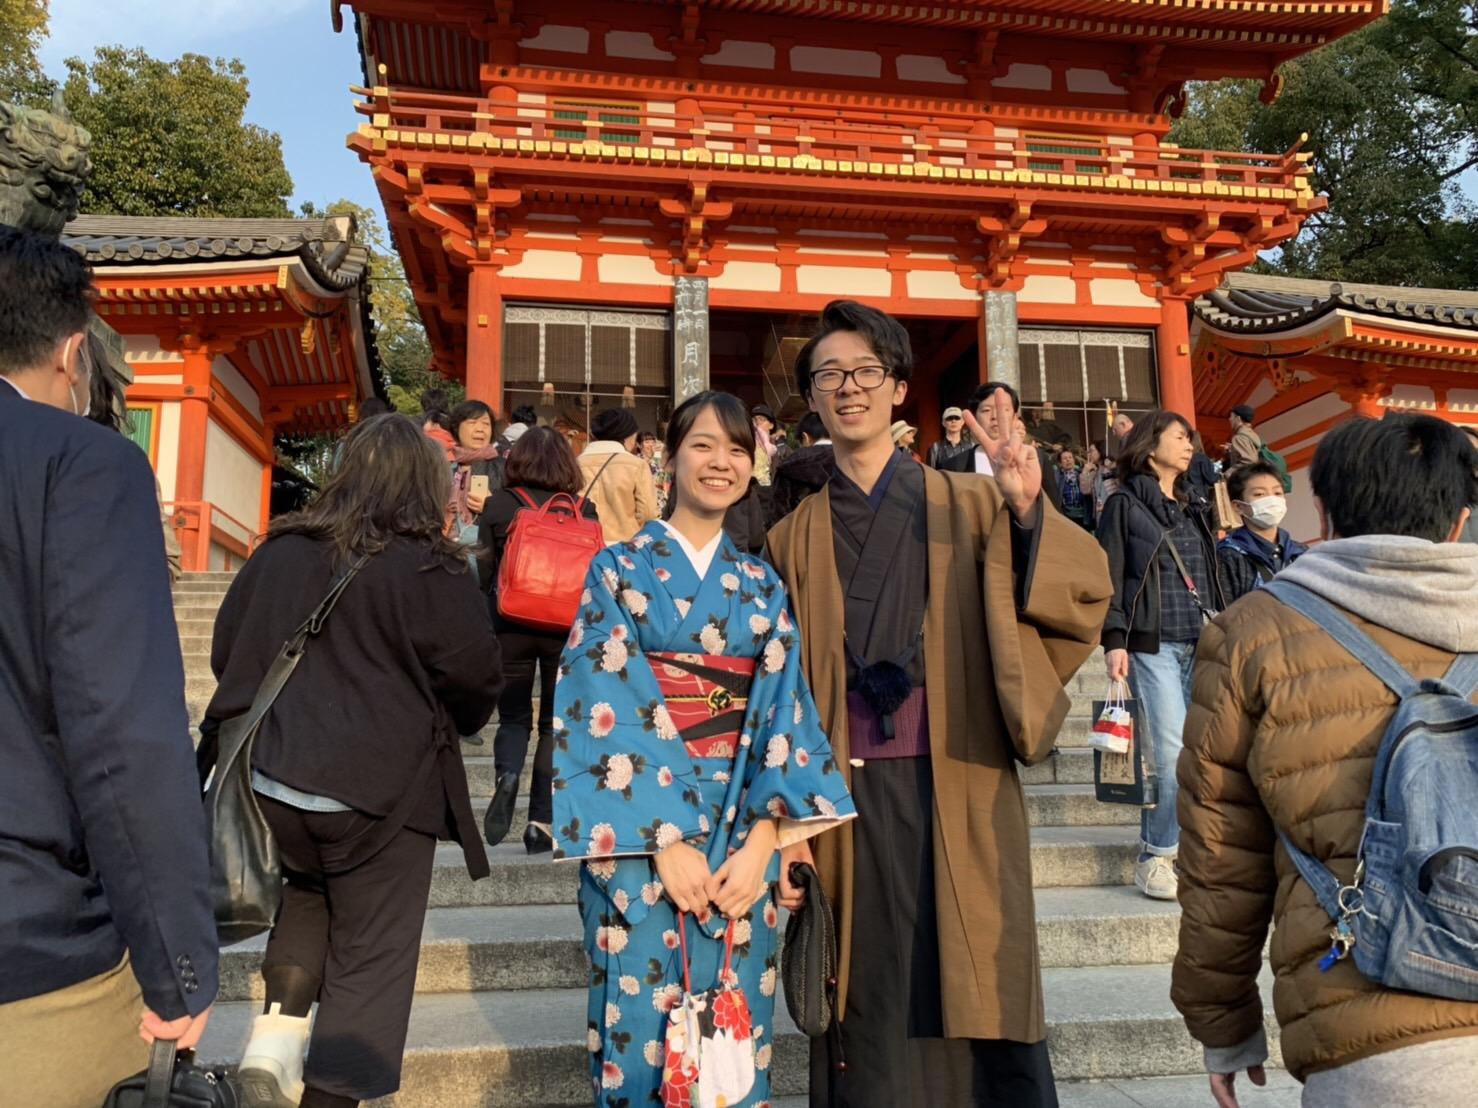 複数組のリピーター様♡春の京都へ♪2019年3月27日8